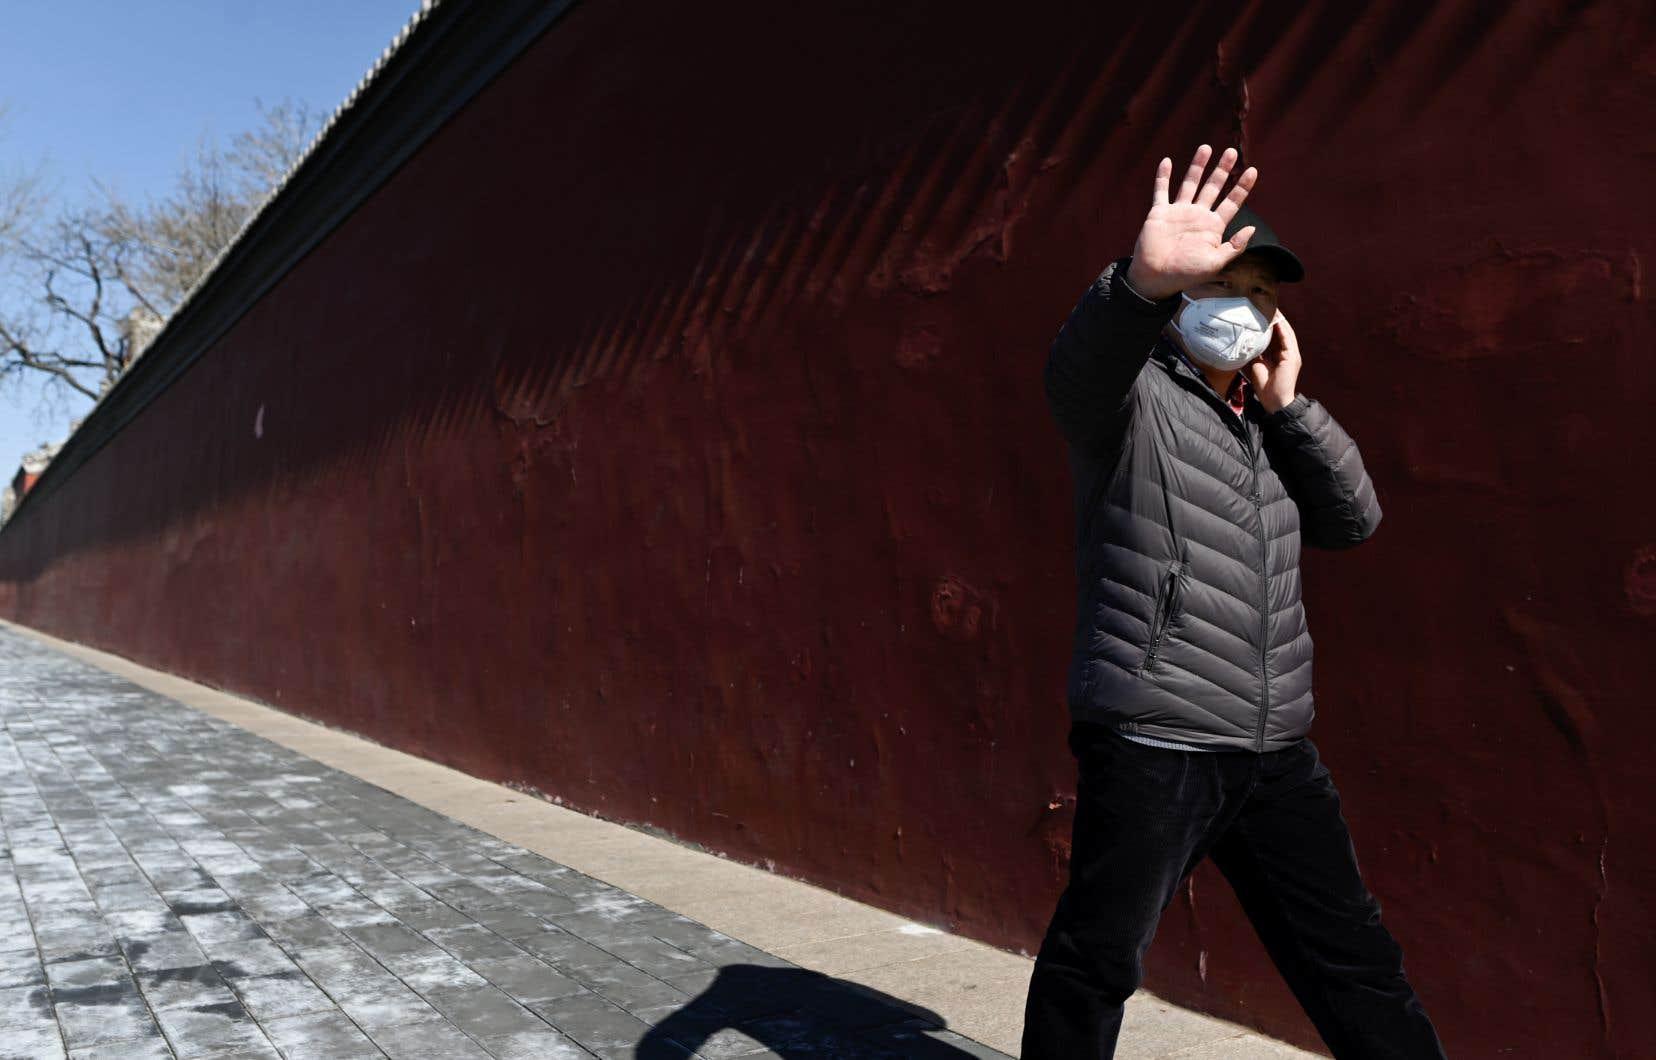 Tétanisés par le virus, des millions de Chinois limitent au maximum les contacts depuis fin janvier, quand la gravité de la maladie a été publiquement reconnue par les autorités.